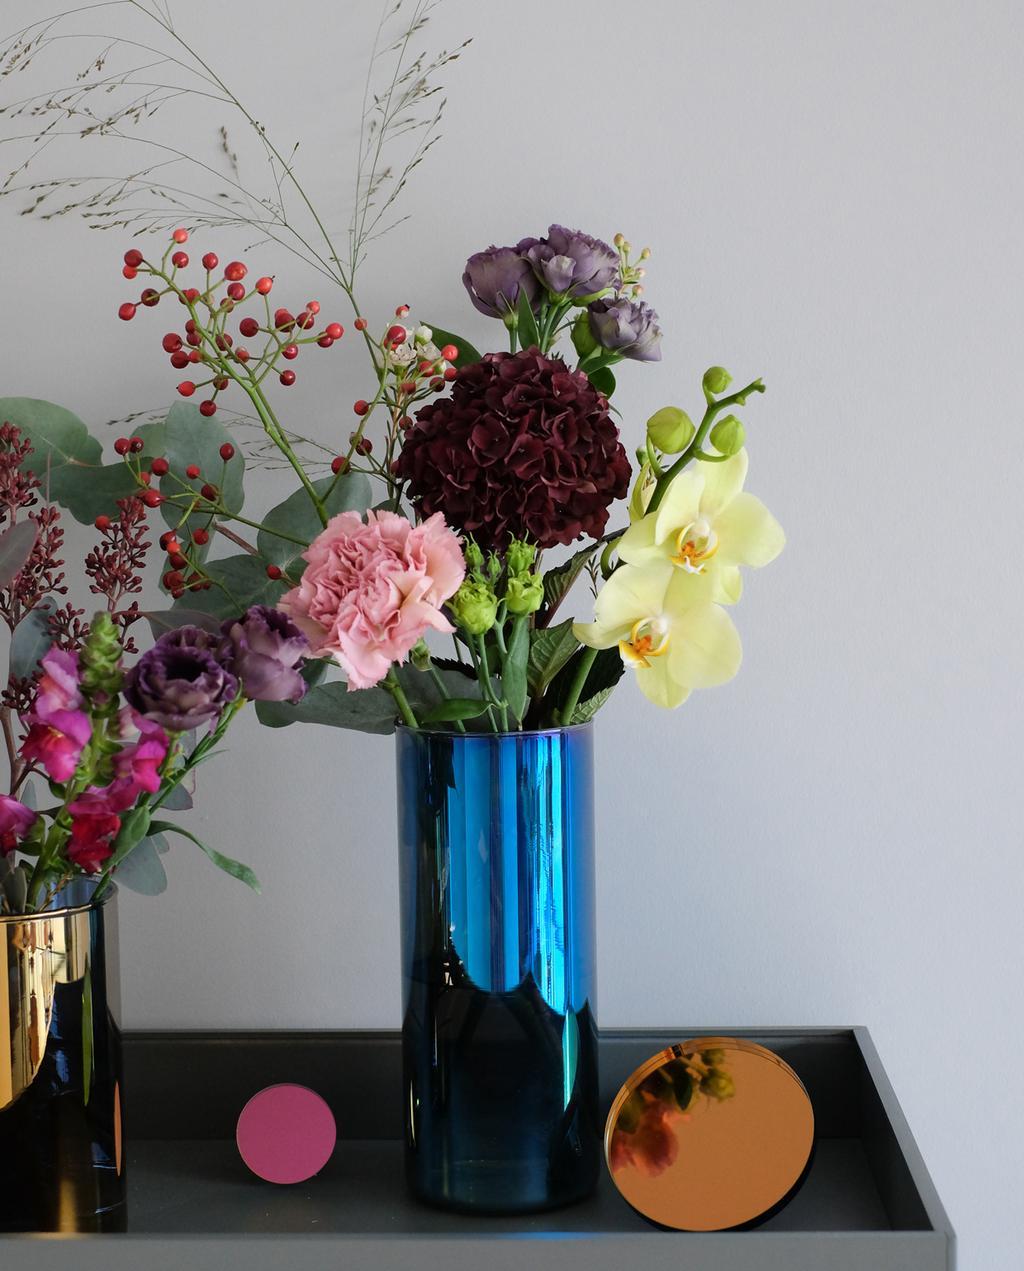 vtwonen | Blog PRCHTG bloemen vaas